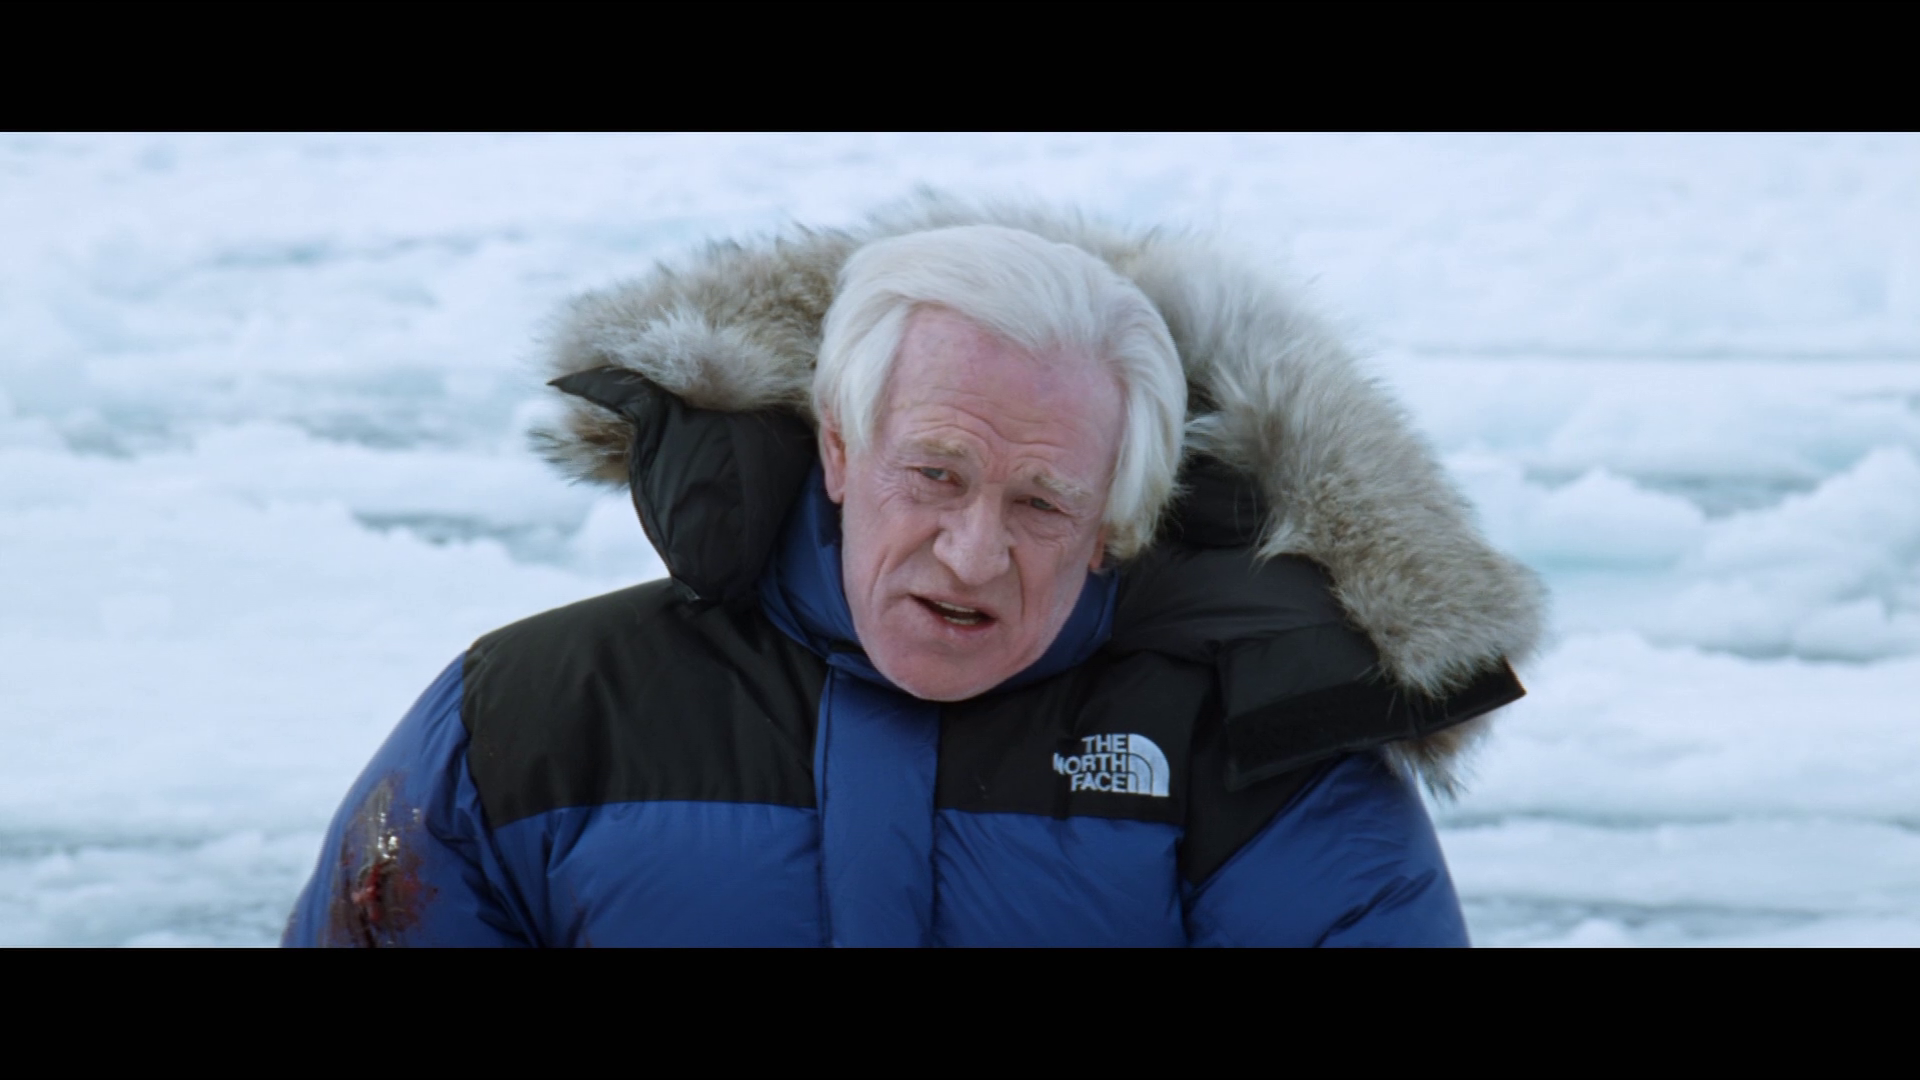 Froken Smillas fornemmelse for sne (Smilla et l'amour de la neige, 1997) de Bille August : le bateau explose (HD)